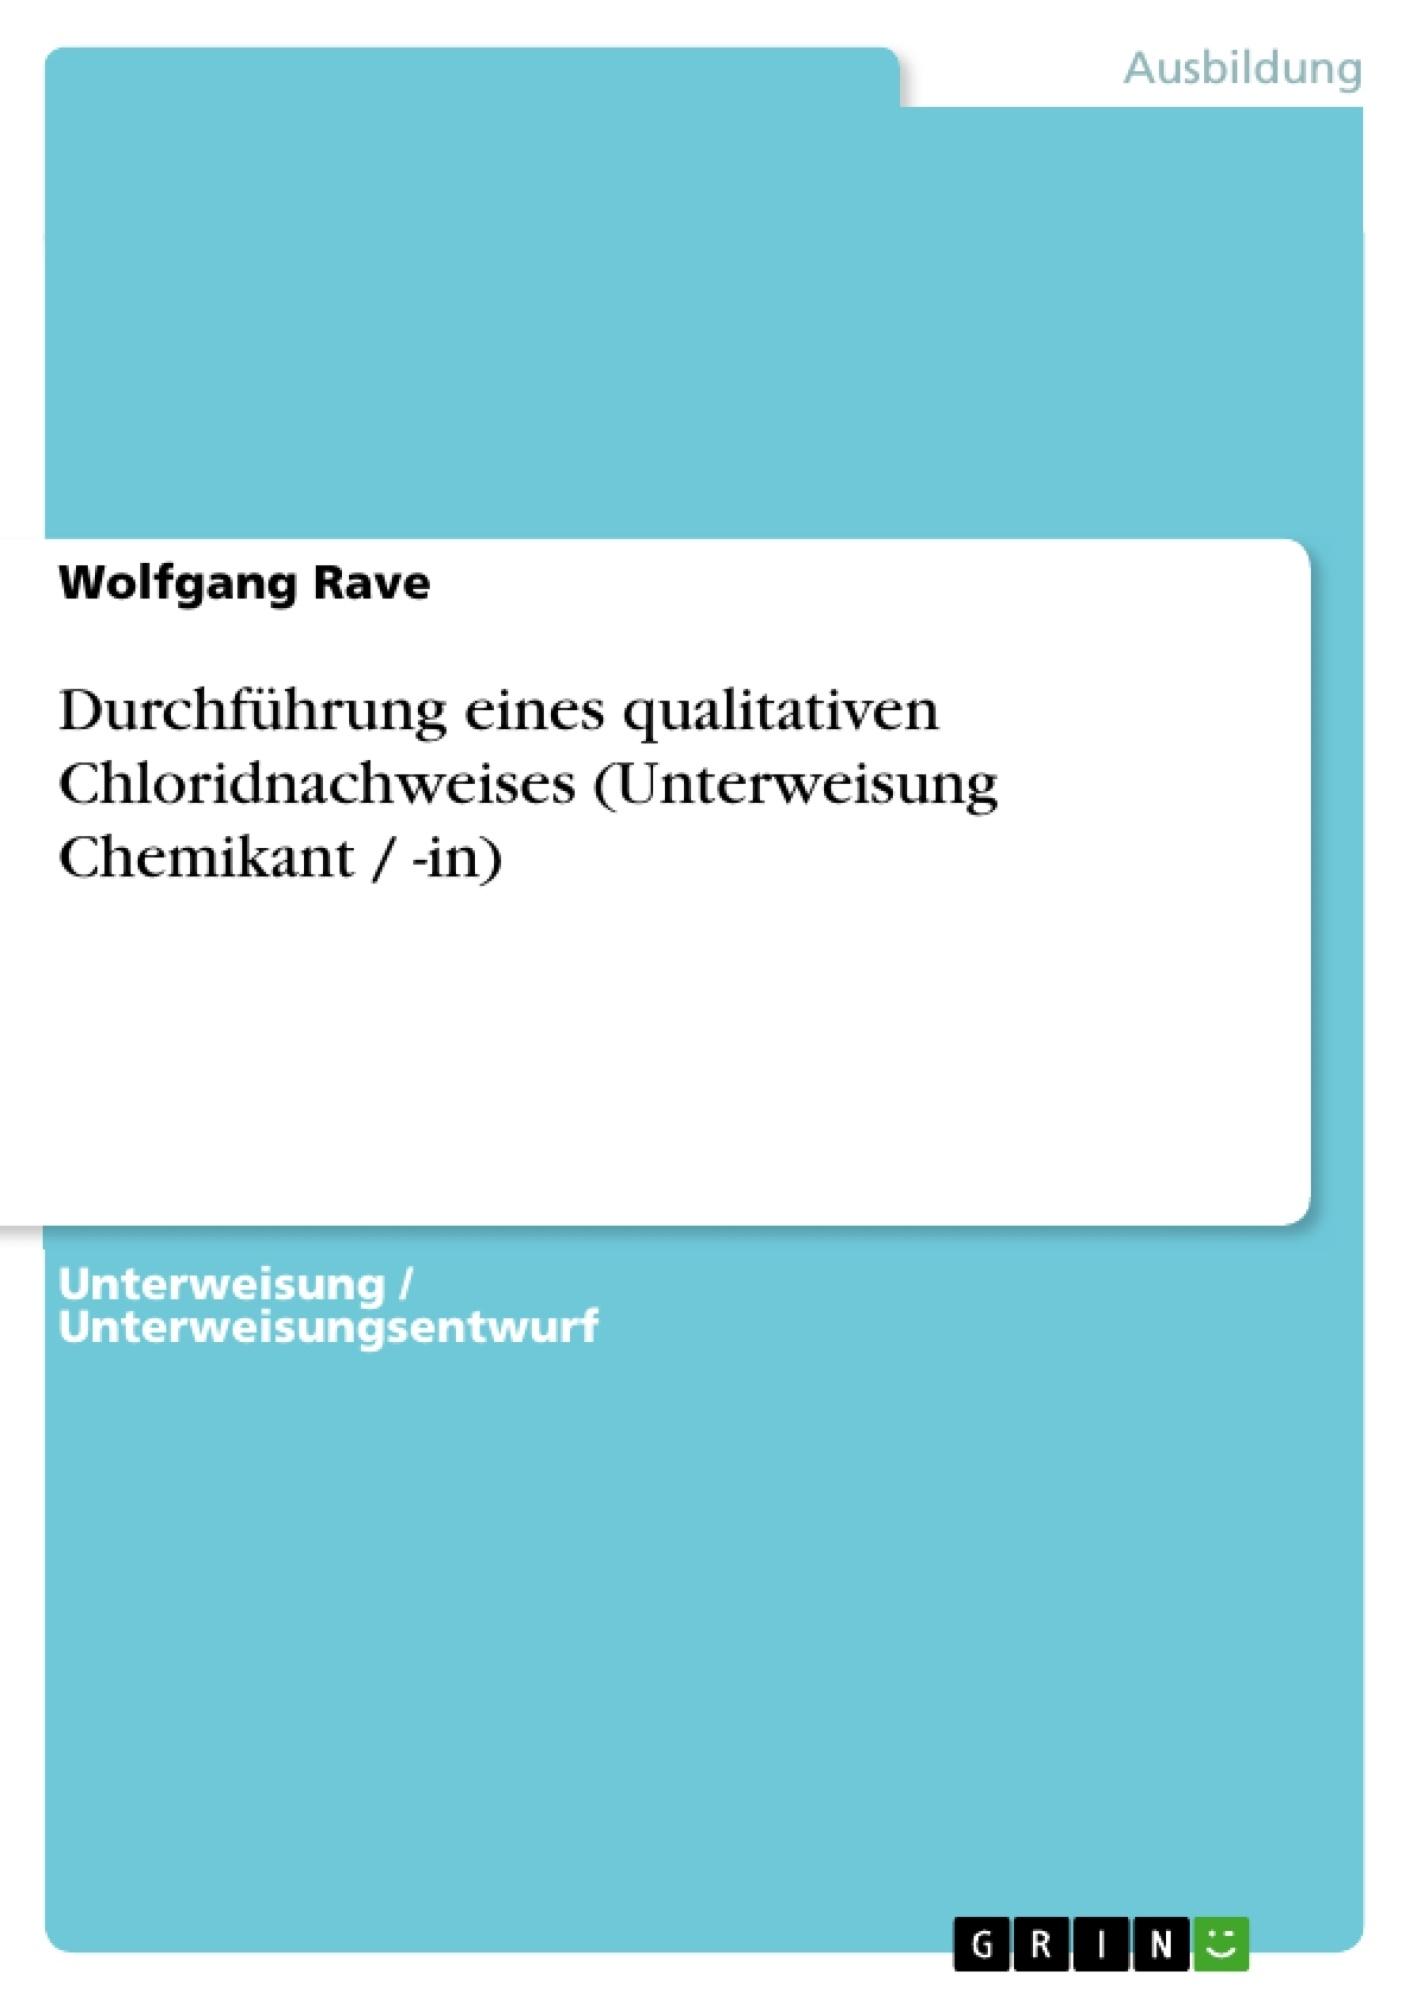 Titel: Durchführung eines qualitativen Chloridnachweises (Unterweisung Chemikant / -in)